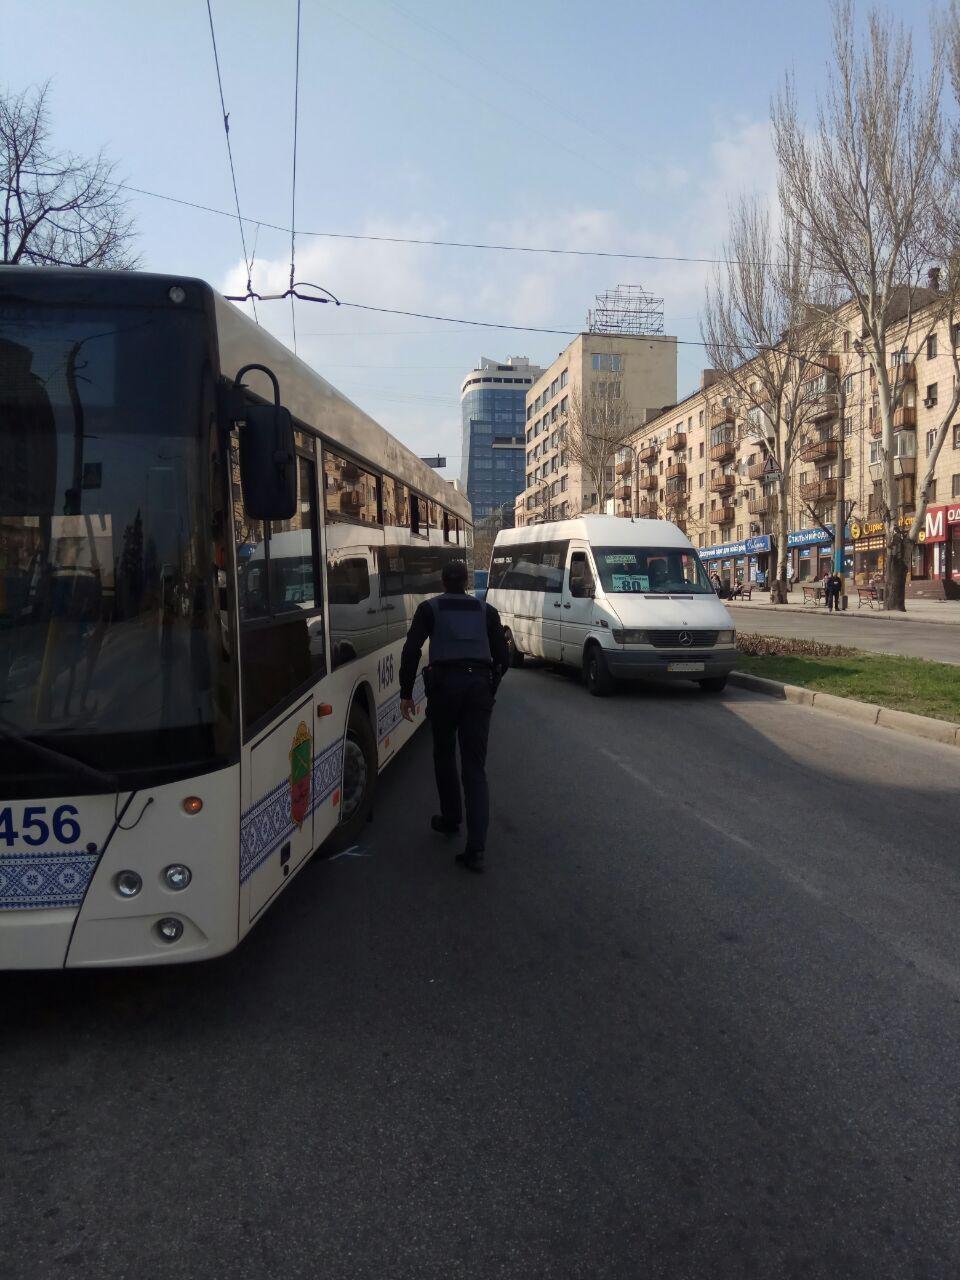 В Запорожье на остановке столкнулись большой автобус и маршрутка - ФОТО